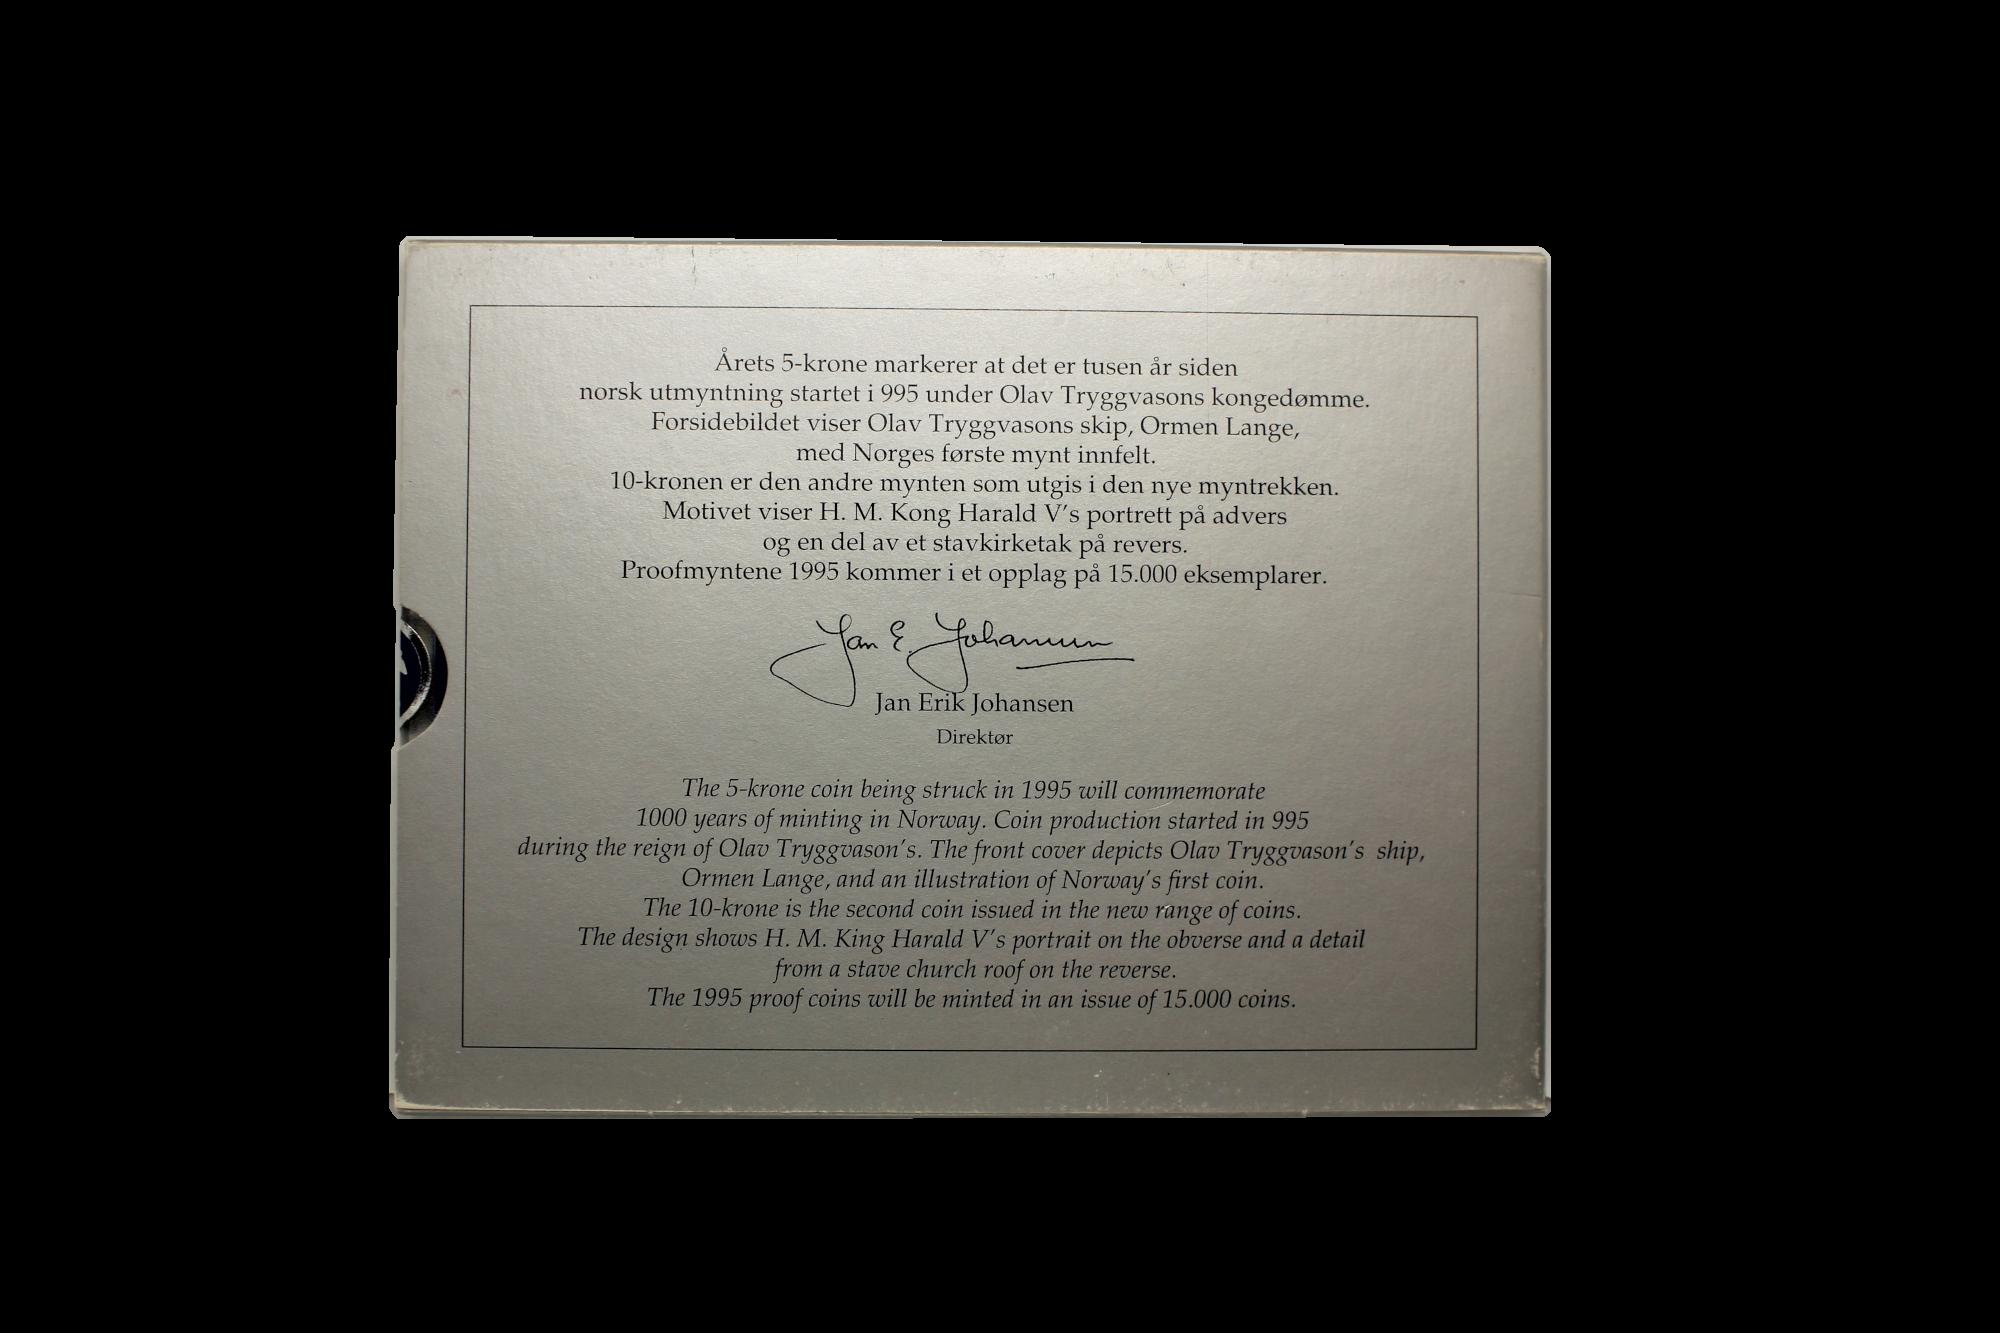 Proofsett 1995 bakside innpakning